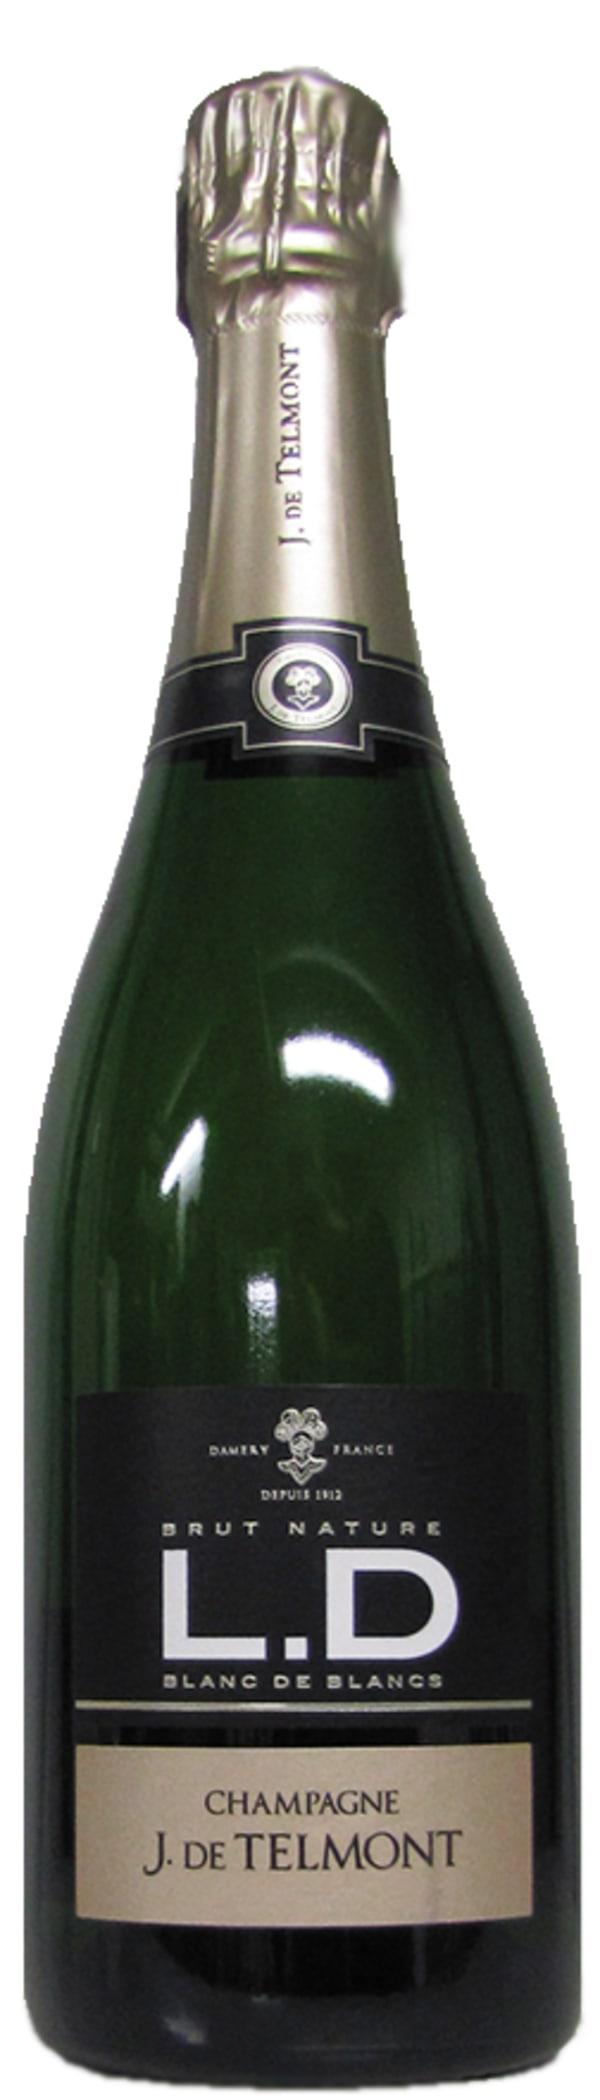 J. de Telmont L.D Blanc de Blancs Champagne Brut Nature